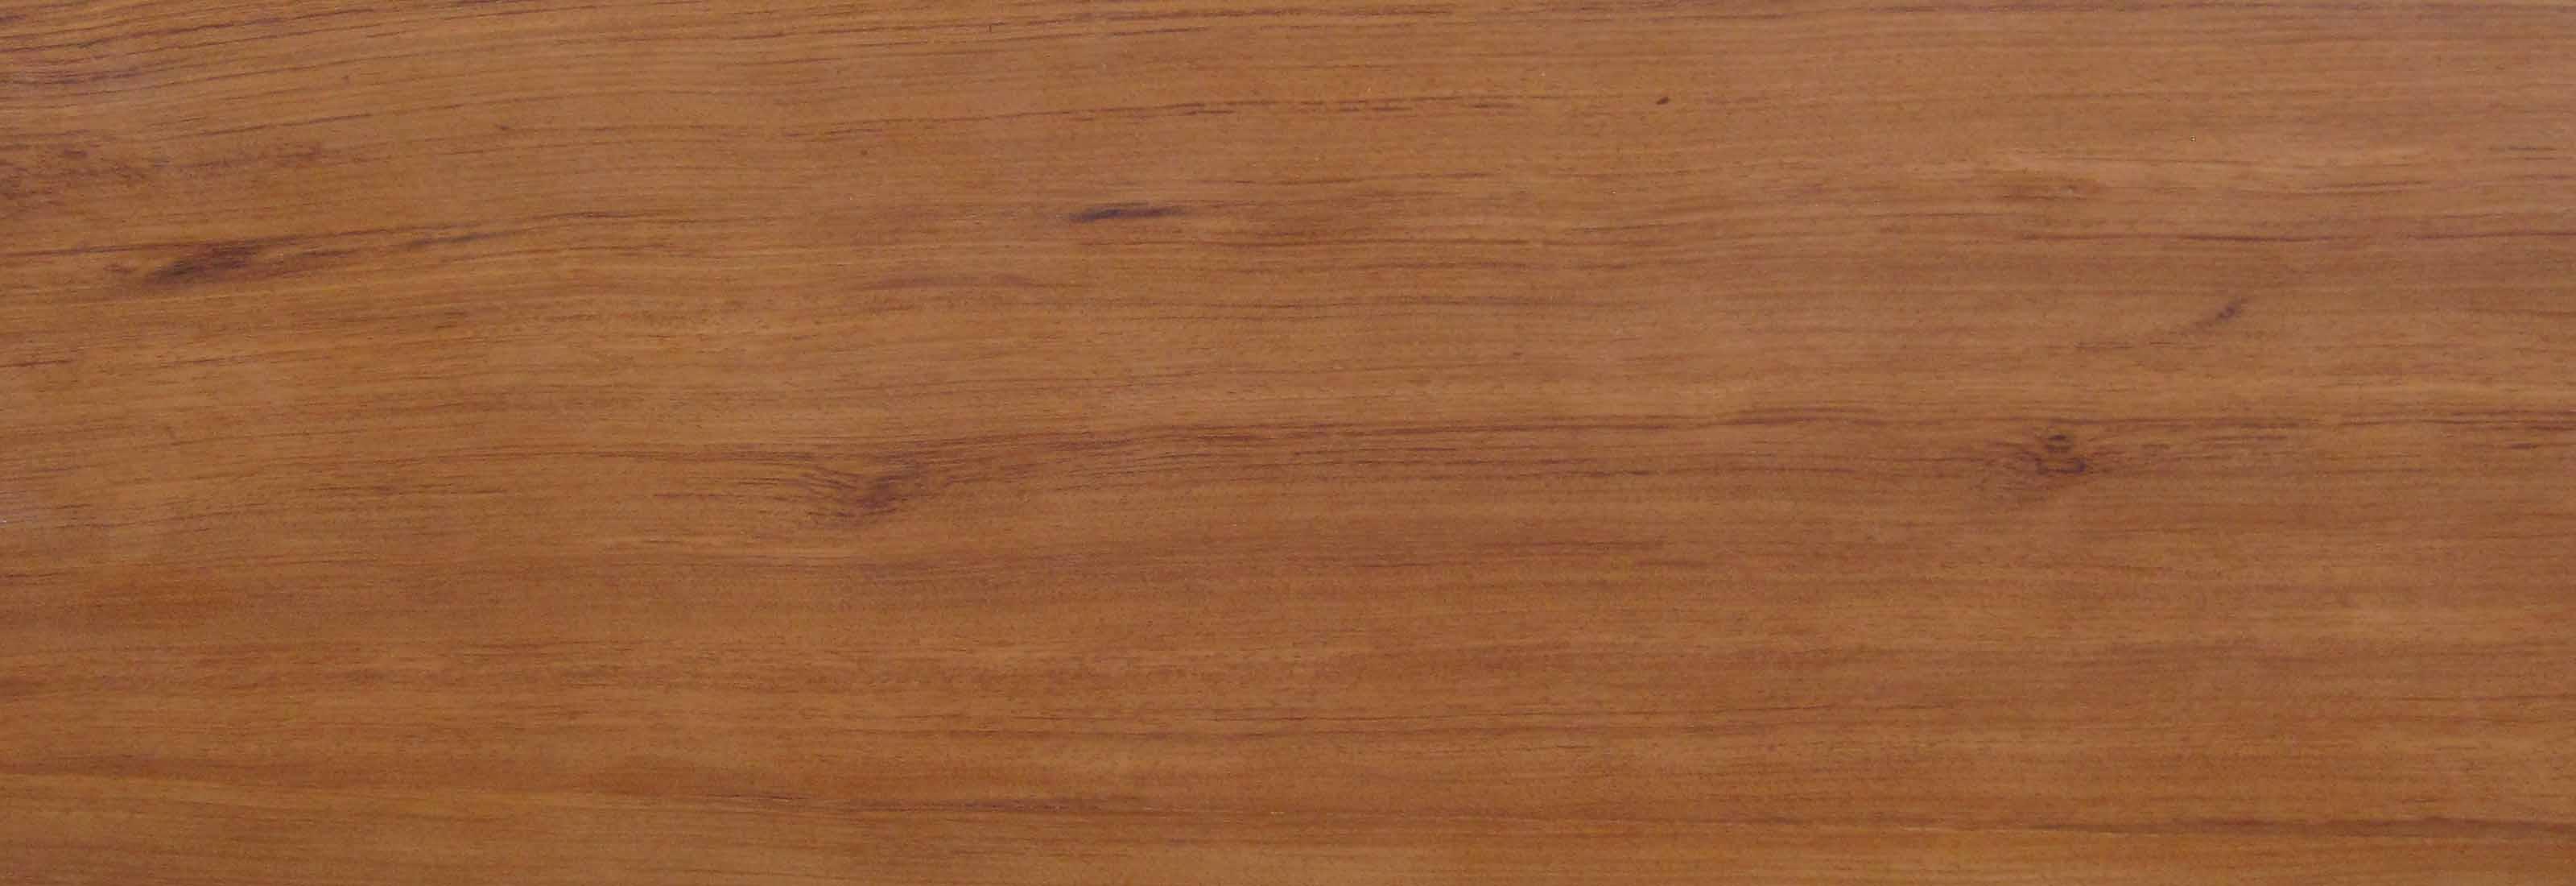 Fusta-Bobinga-taulesamida